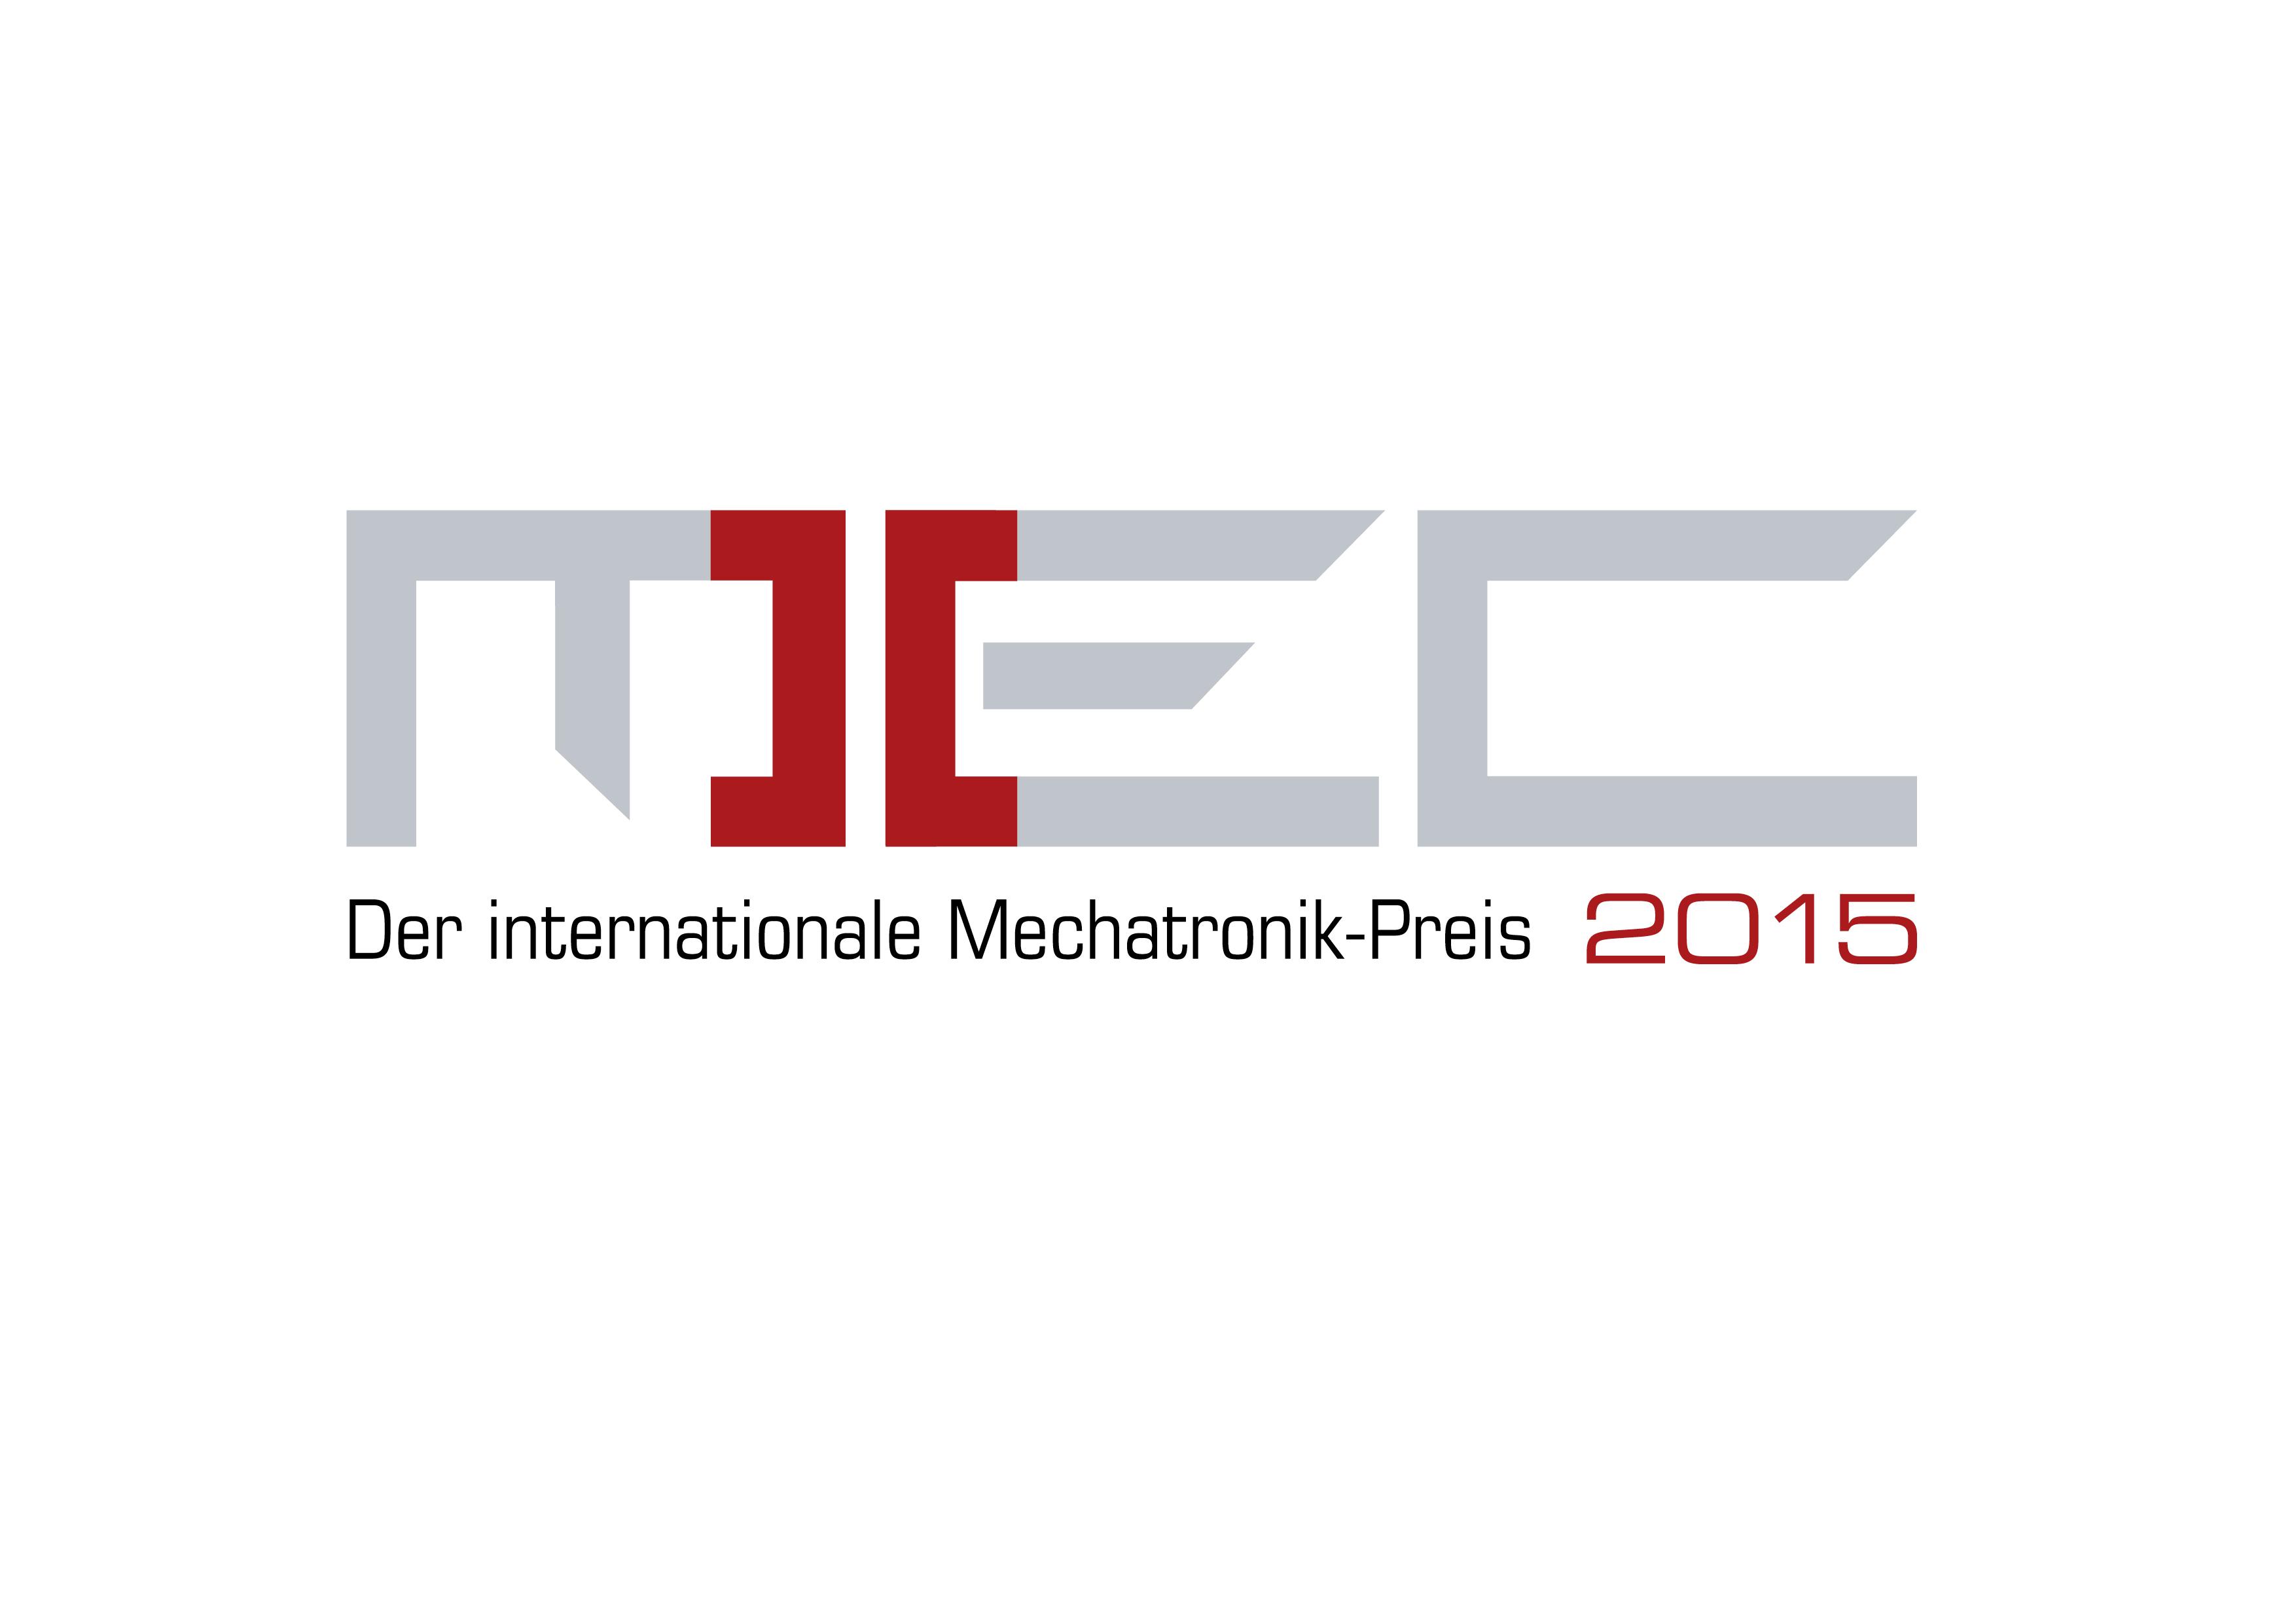 Ehre, wem Ehre gebührt – der Mechatroniker-Preis 2015